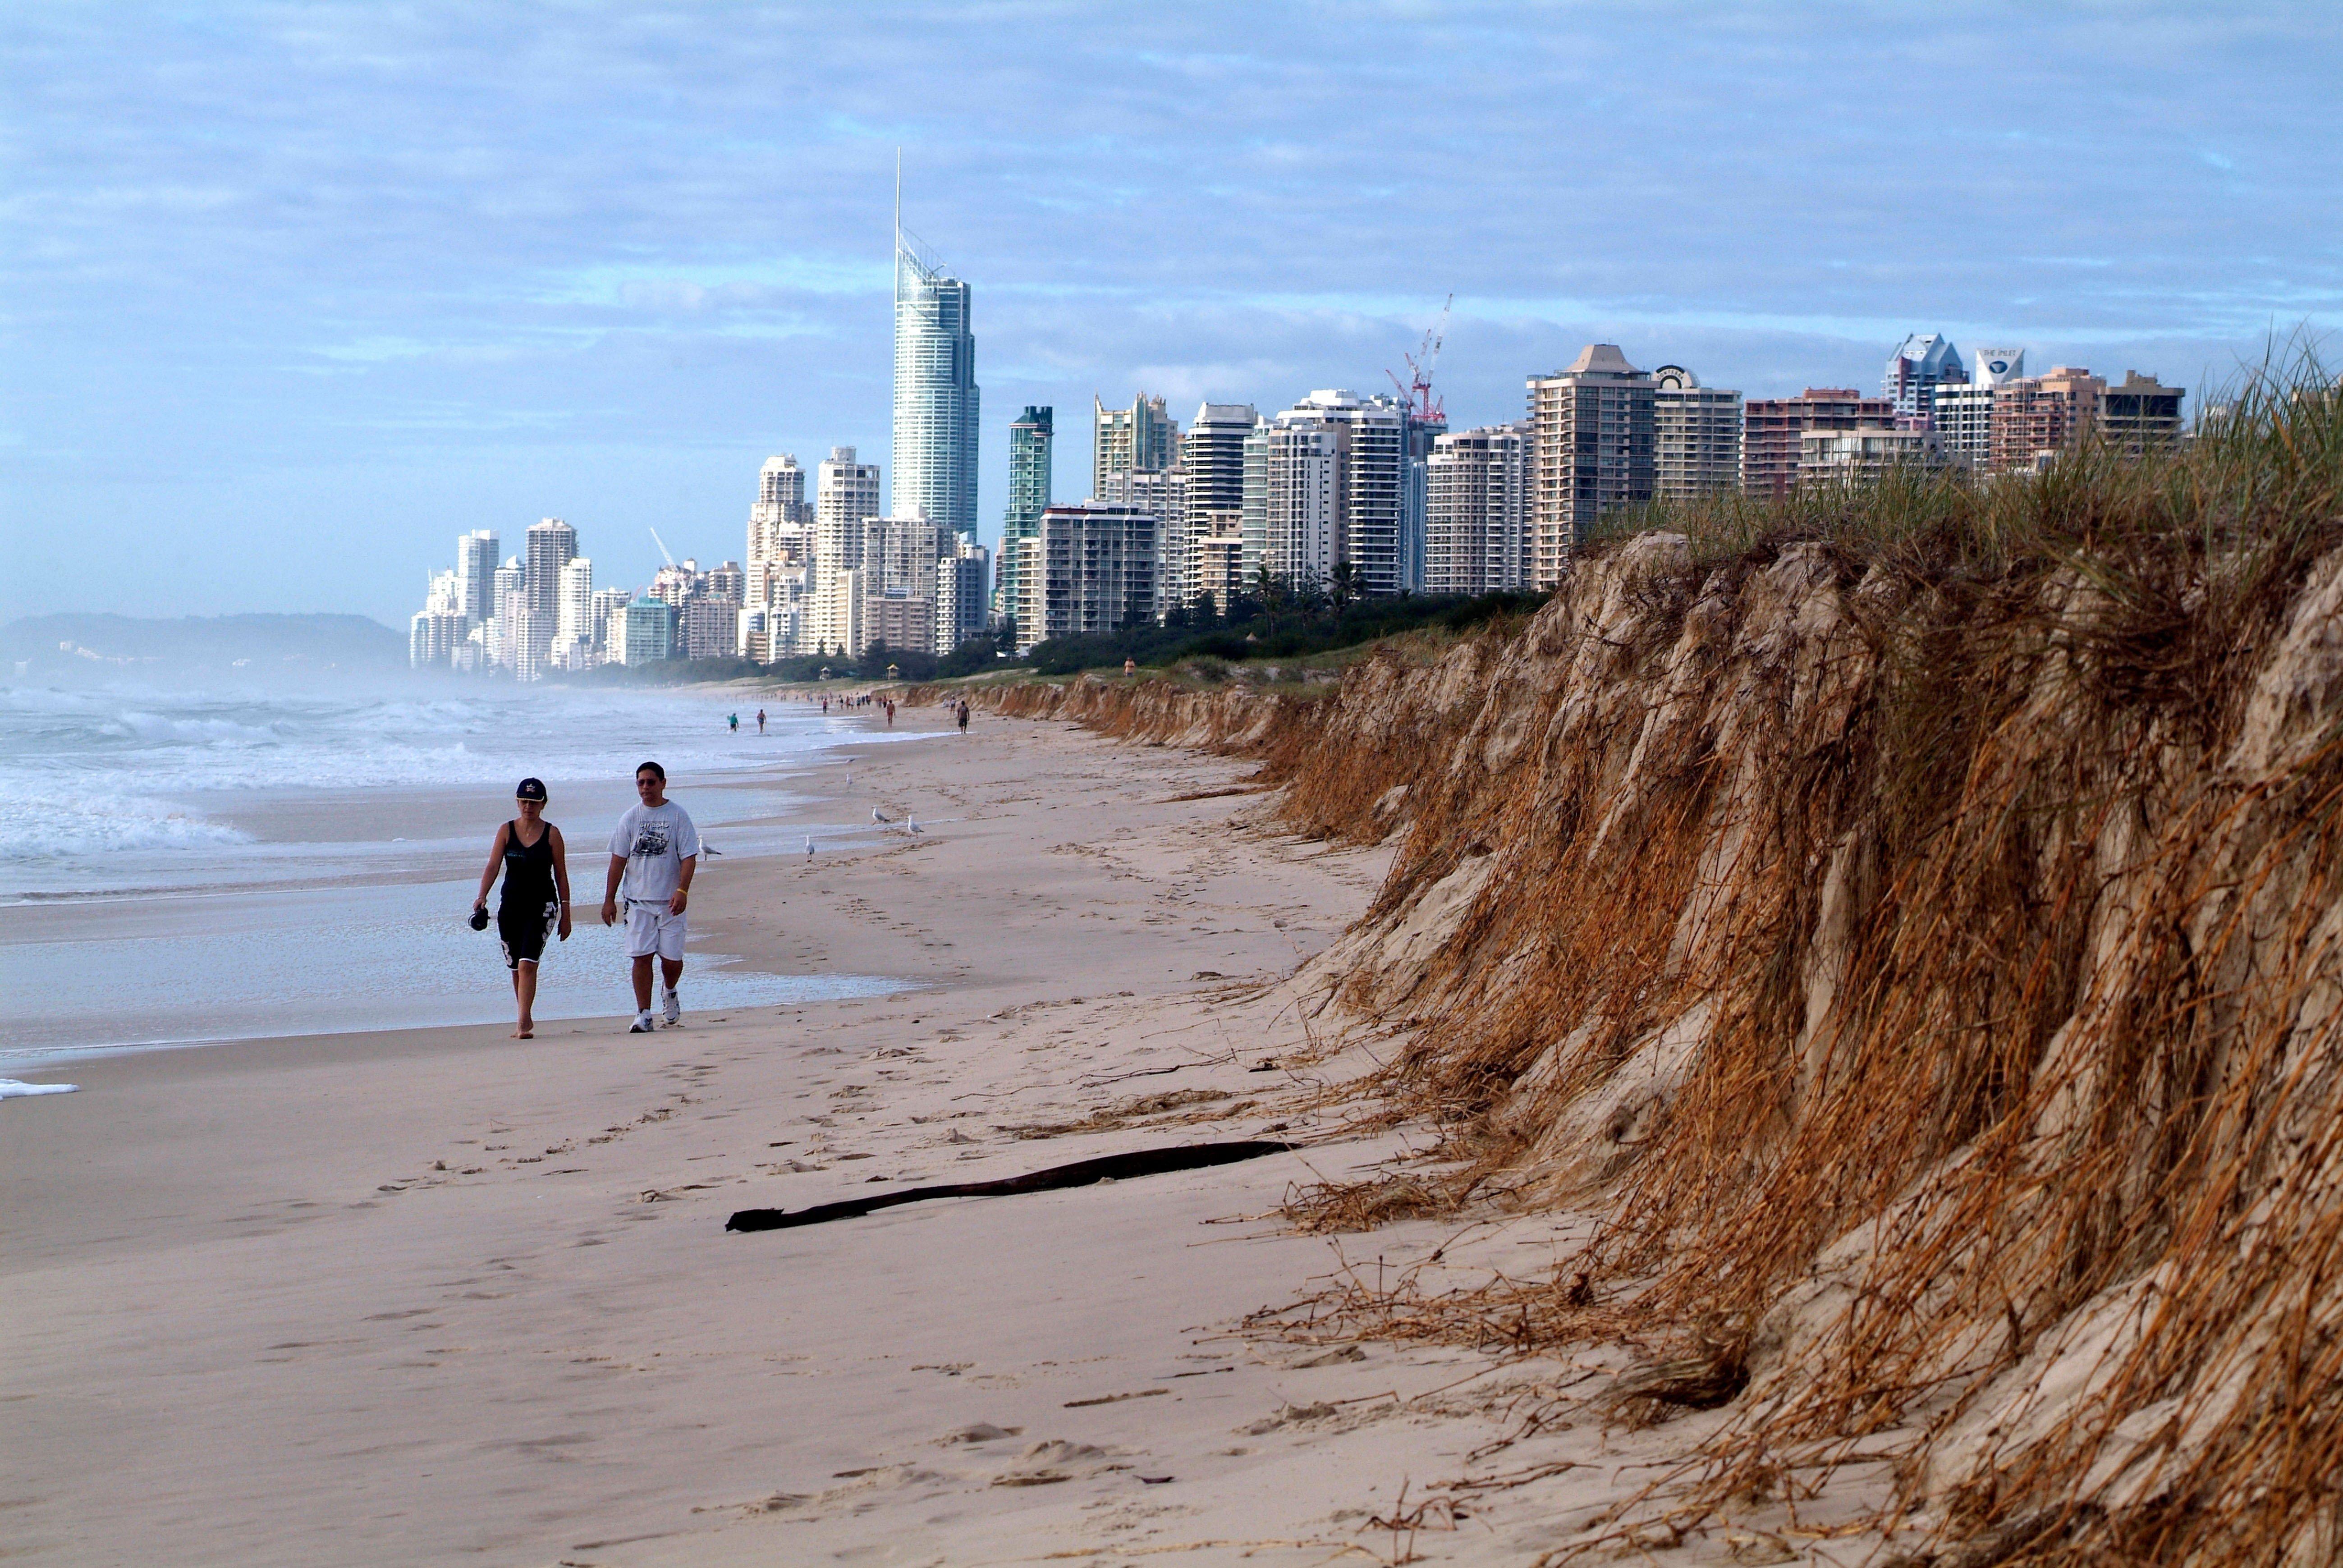 Sexual health centre perth australia beaches